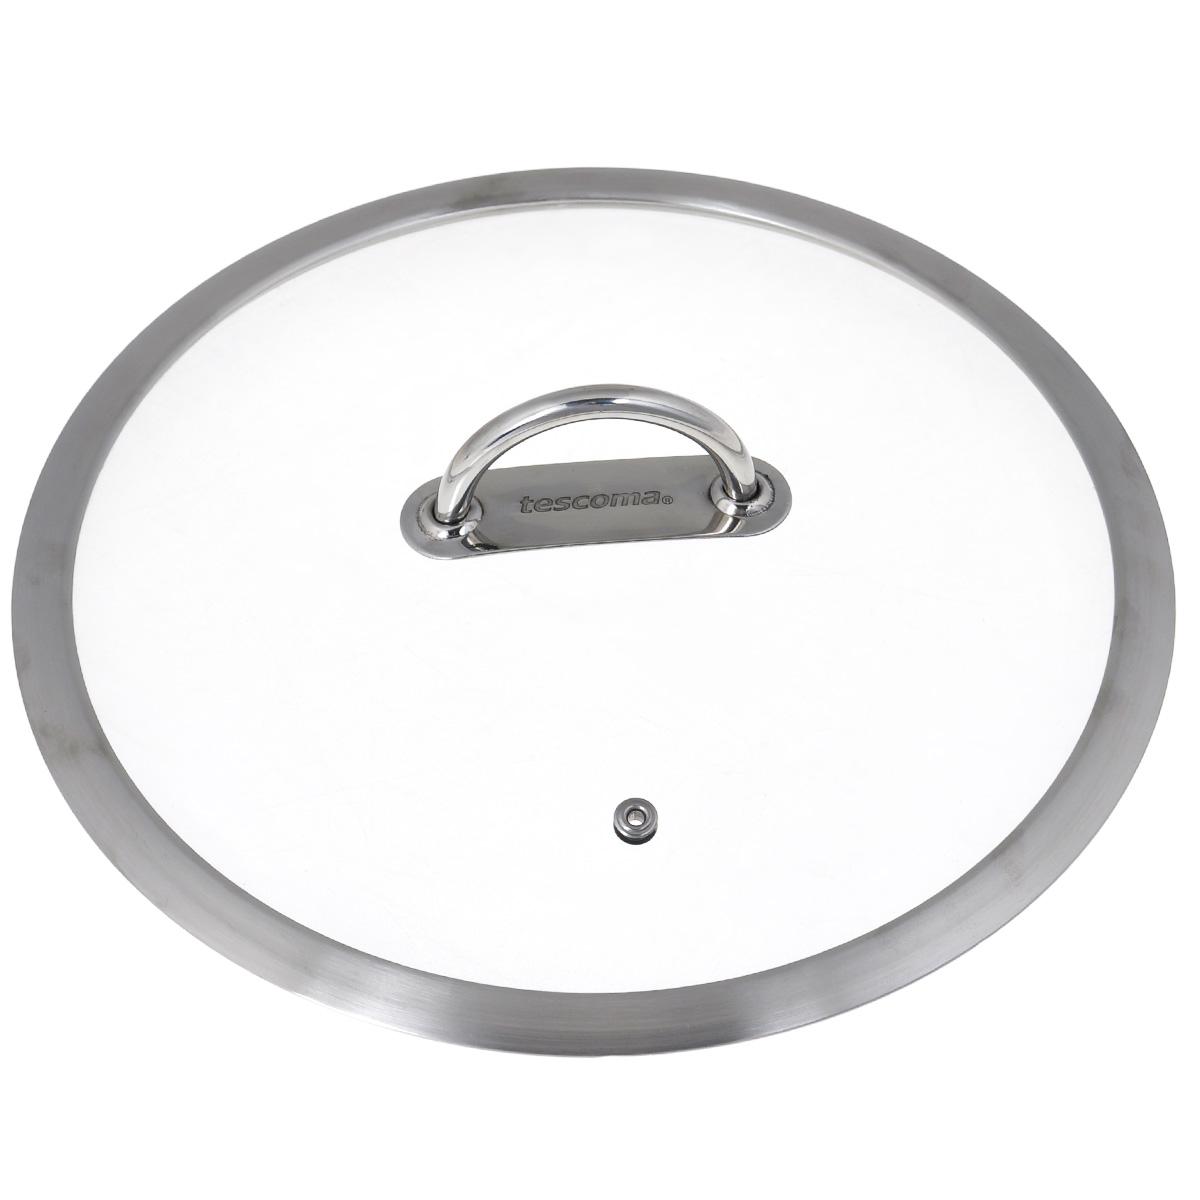 Крышка стеклянная Tescoma Vision. Диаметр 24 см779824Крышка Tescoma Vision изготовлена из термостойкого стекла. Обод, выполненный из высококачественной нержавеющей стали, защищает крышку от повреждений. Удобная, ненагревающаяся ручка также выполнена из нержавеющей стали. Изделие оснащено пароотводом. Крышка удобна в использовании и позволяет контролировать процесс приготовления пищи. Можно мыть в посудомоечной машине.